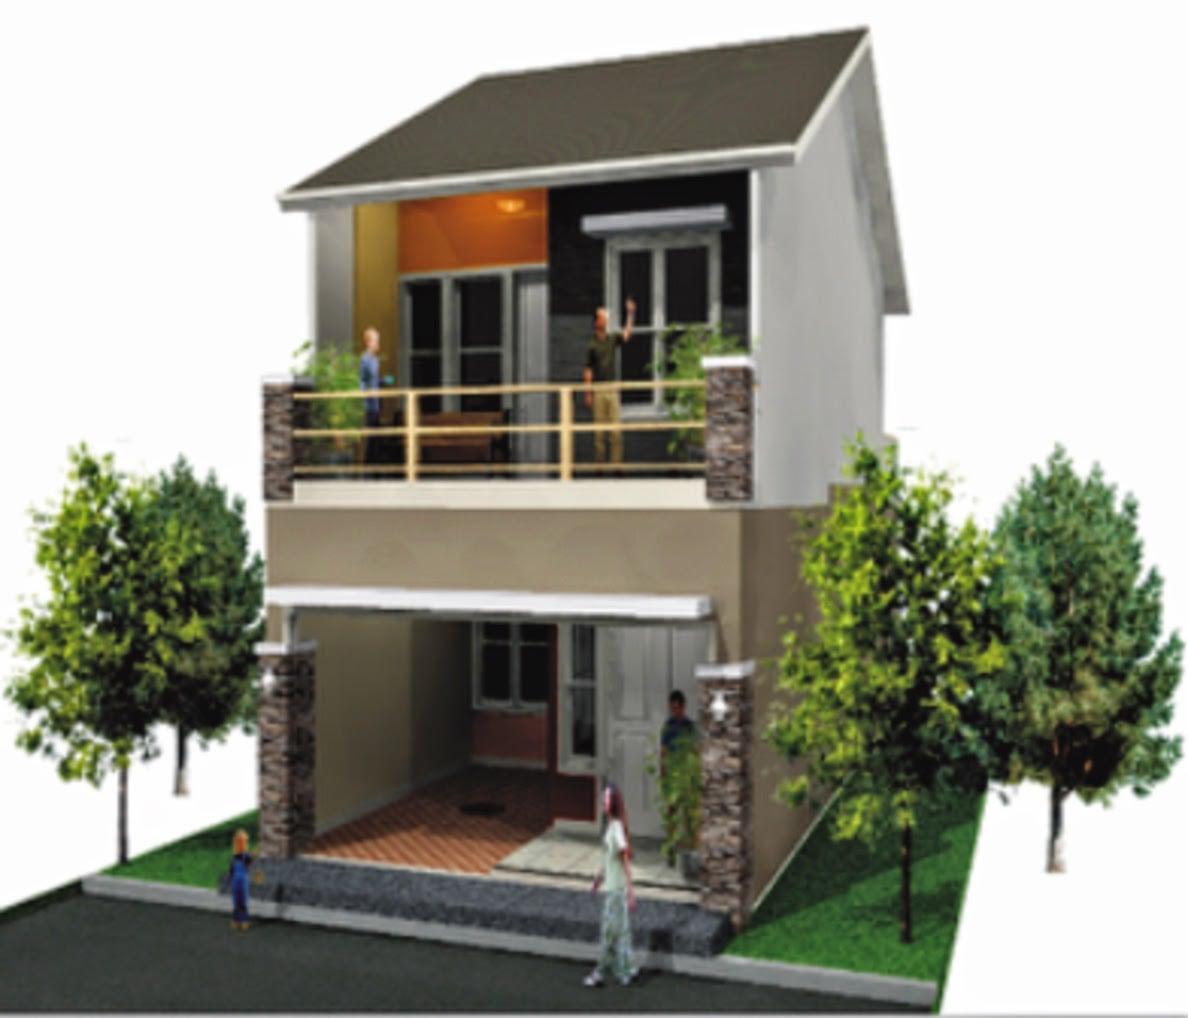 Bagus 21 Gambar Rumah Minimalis Sederhana Modern 36 Renovasi Rumah Merancang Inspirasi Dengan 21 Gambar Rumah Minimalis Sederhana Modern Arcadia Design Architect